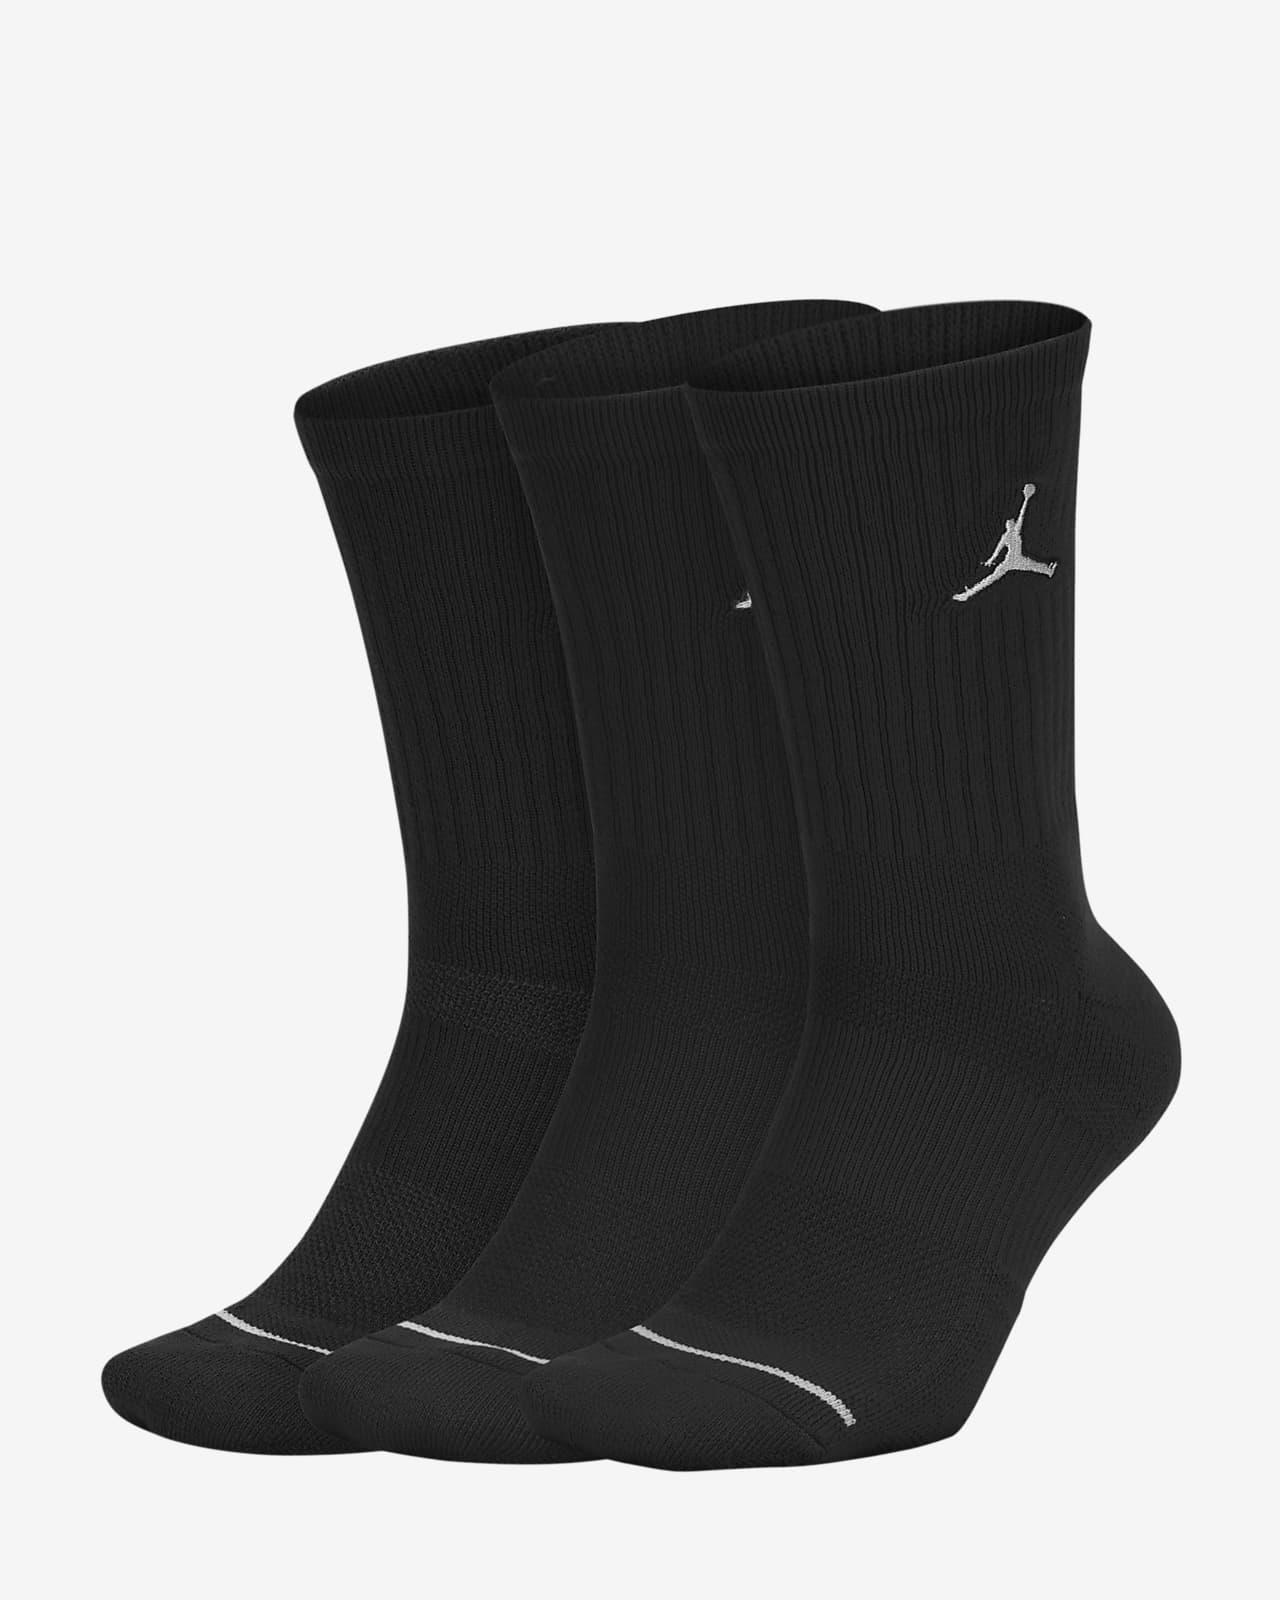 Jordan Everyday Max Crew sokken (unisex, 3 paar)